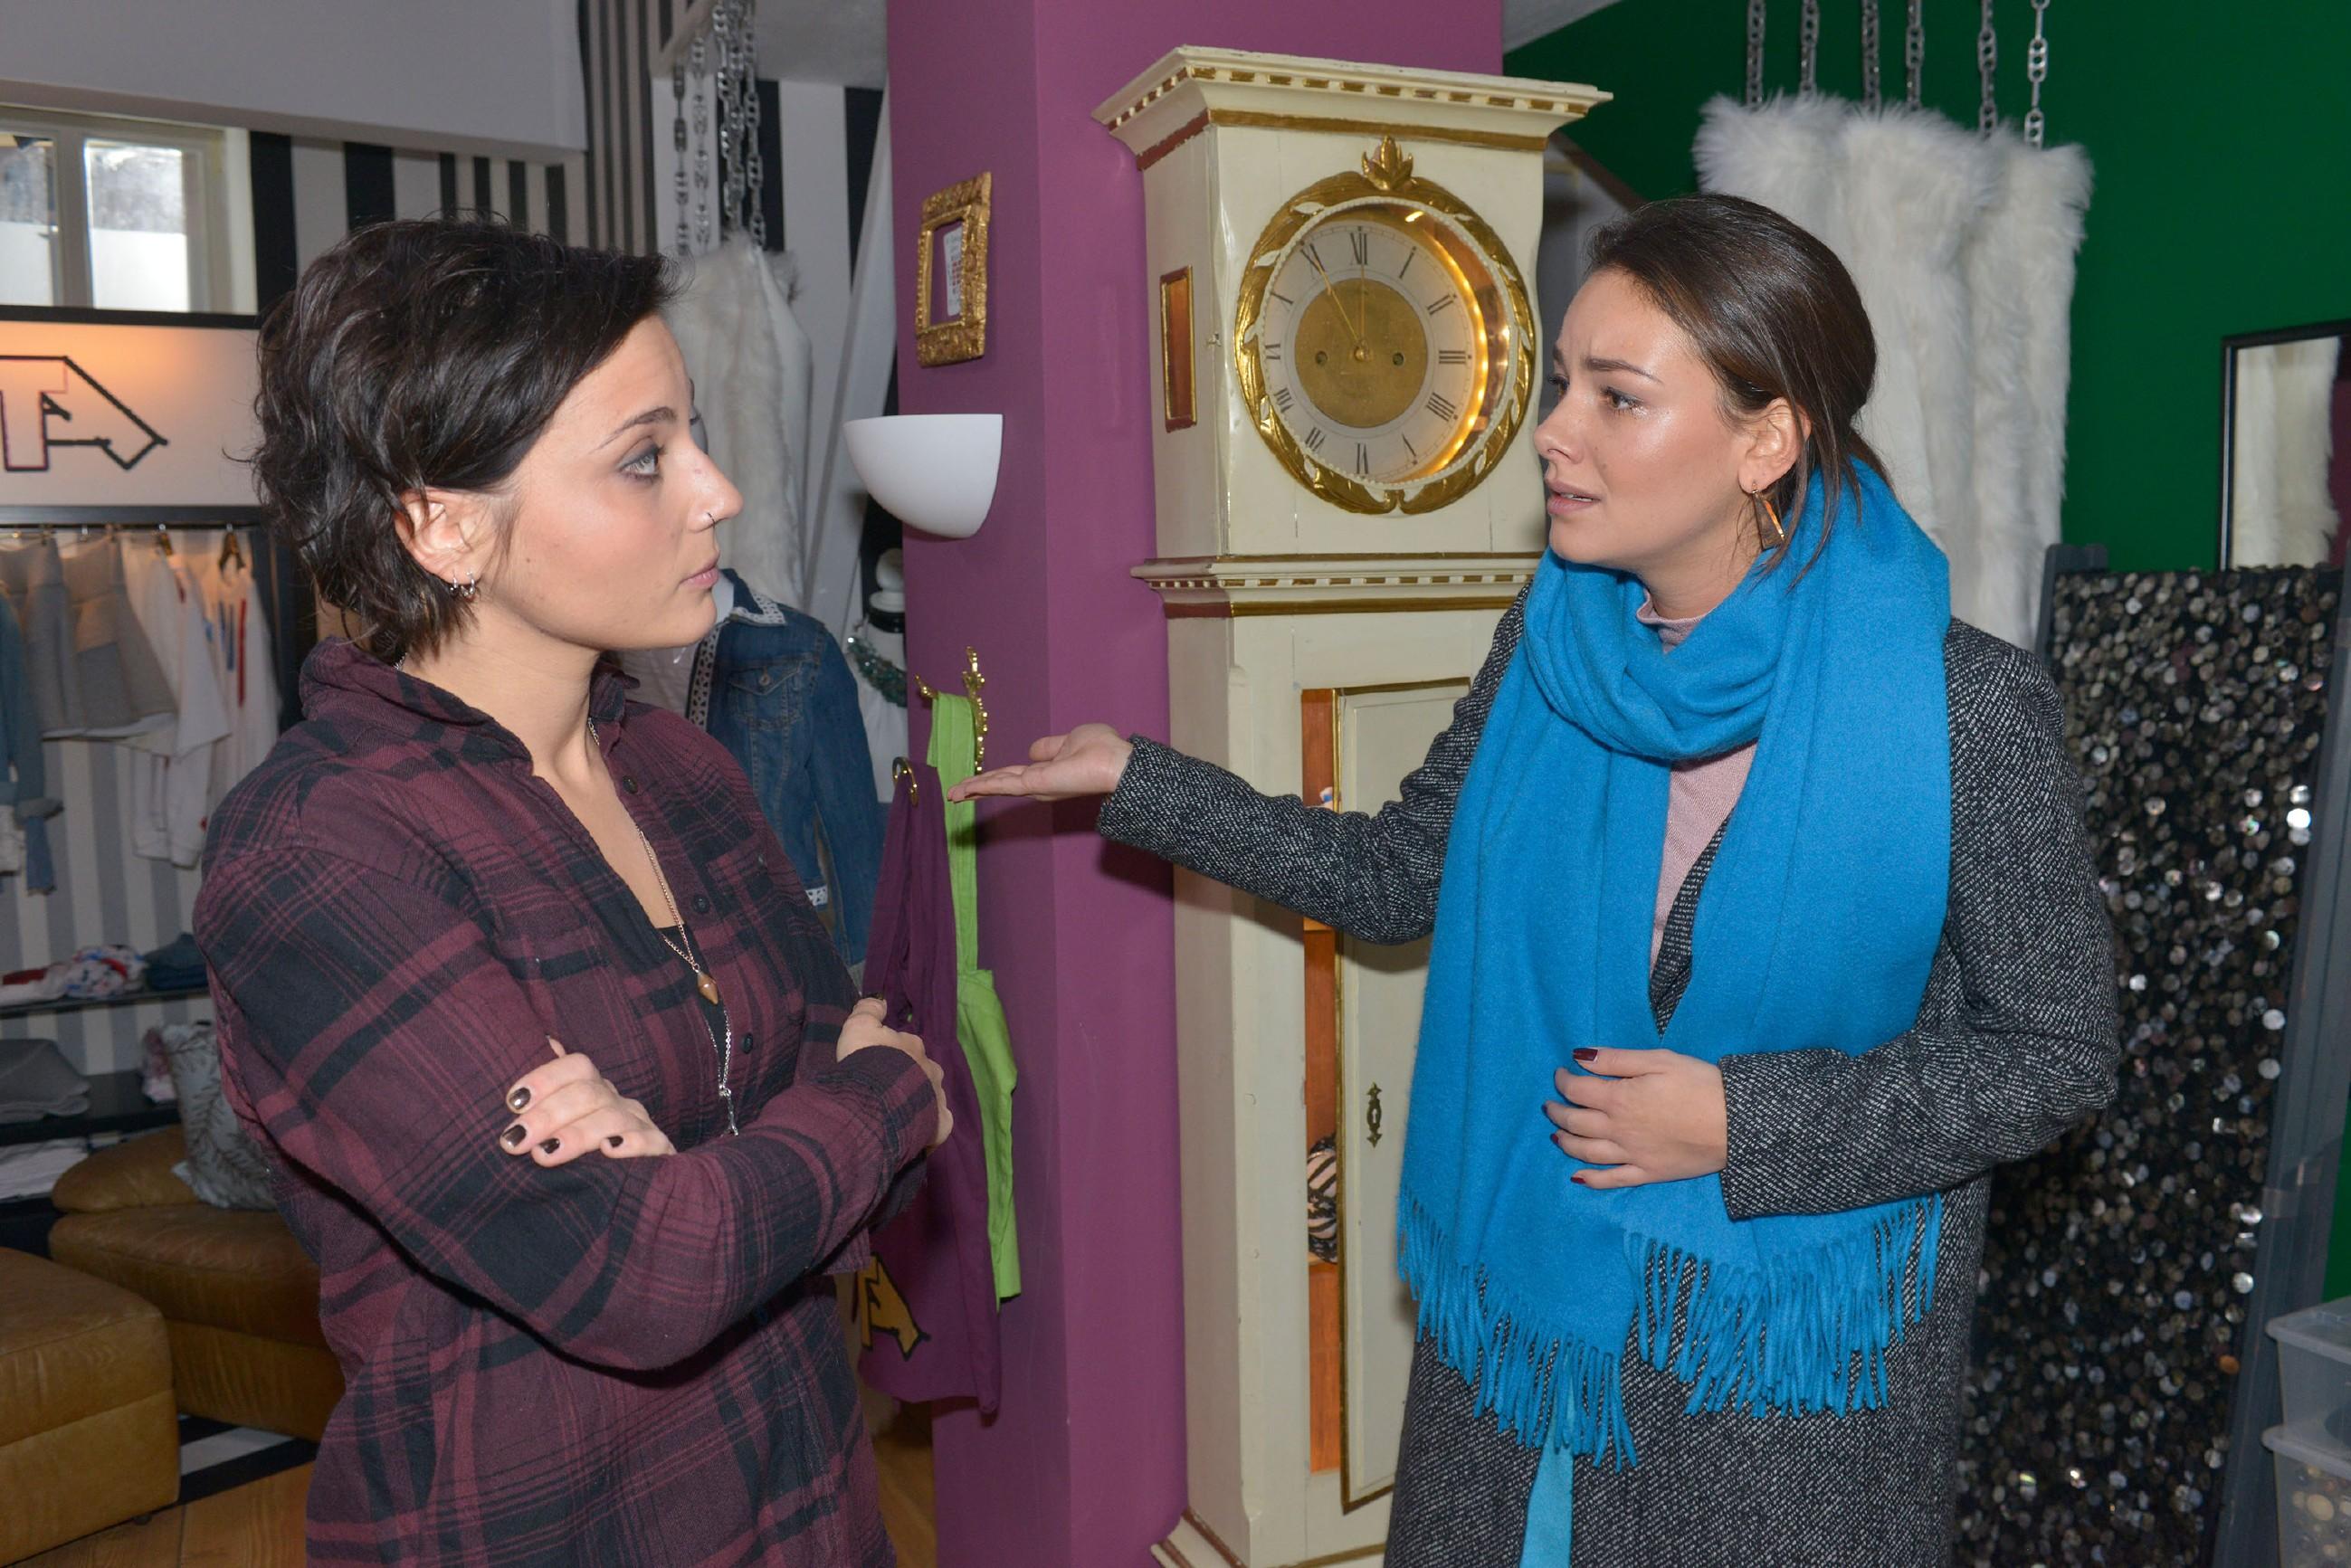 Anni (Linda Marlen Runge, l.) schafft es nicht, zu der verzweifelten Jasmin (Janina Uhse), die dem Thema Frederic einfach nicht entkommen kann, durchzudringen. (Quelle: RTL / Rolf Baumgartner)